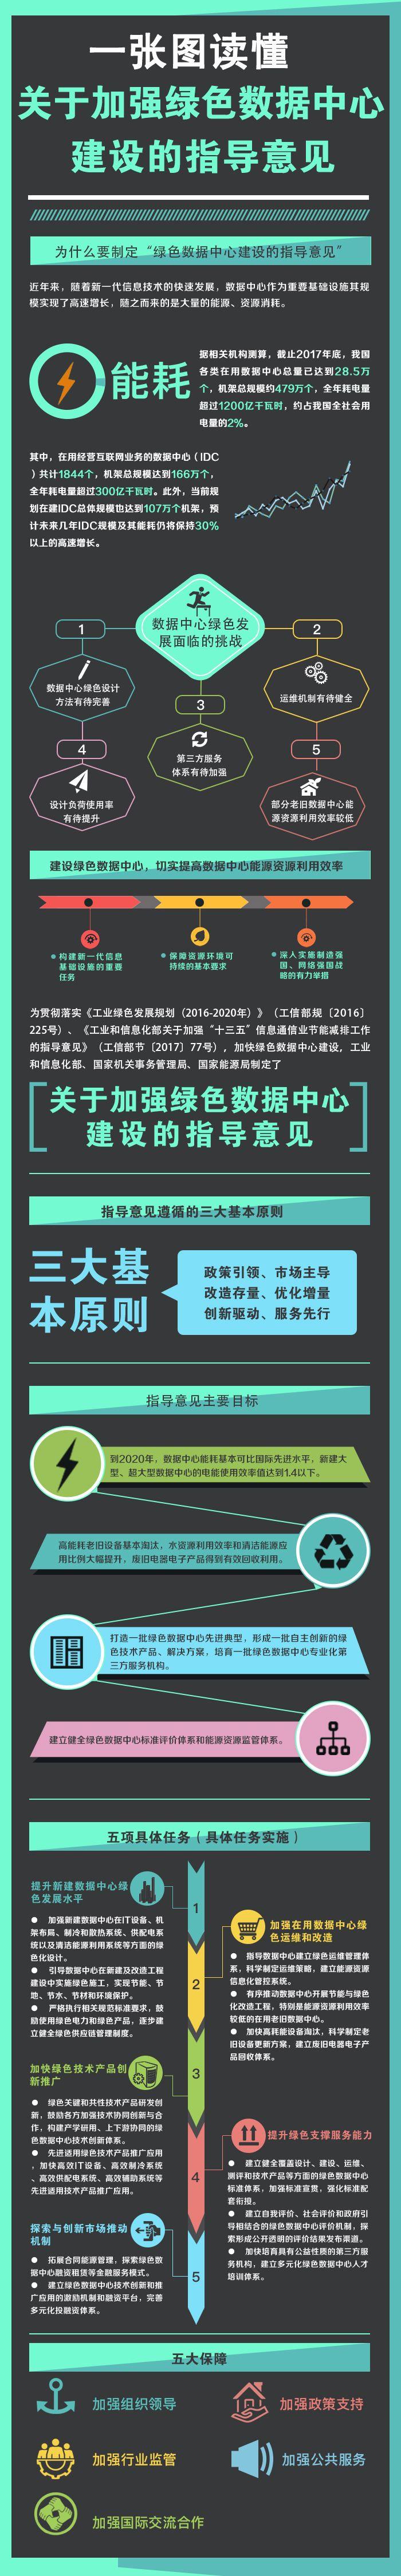 一张图读懂关于加强绿色数据中心建设的指导意见.jpg